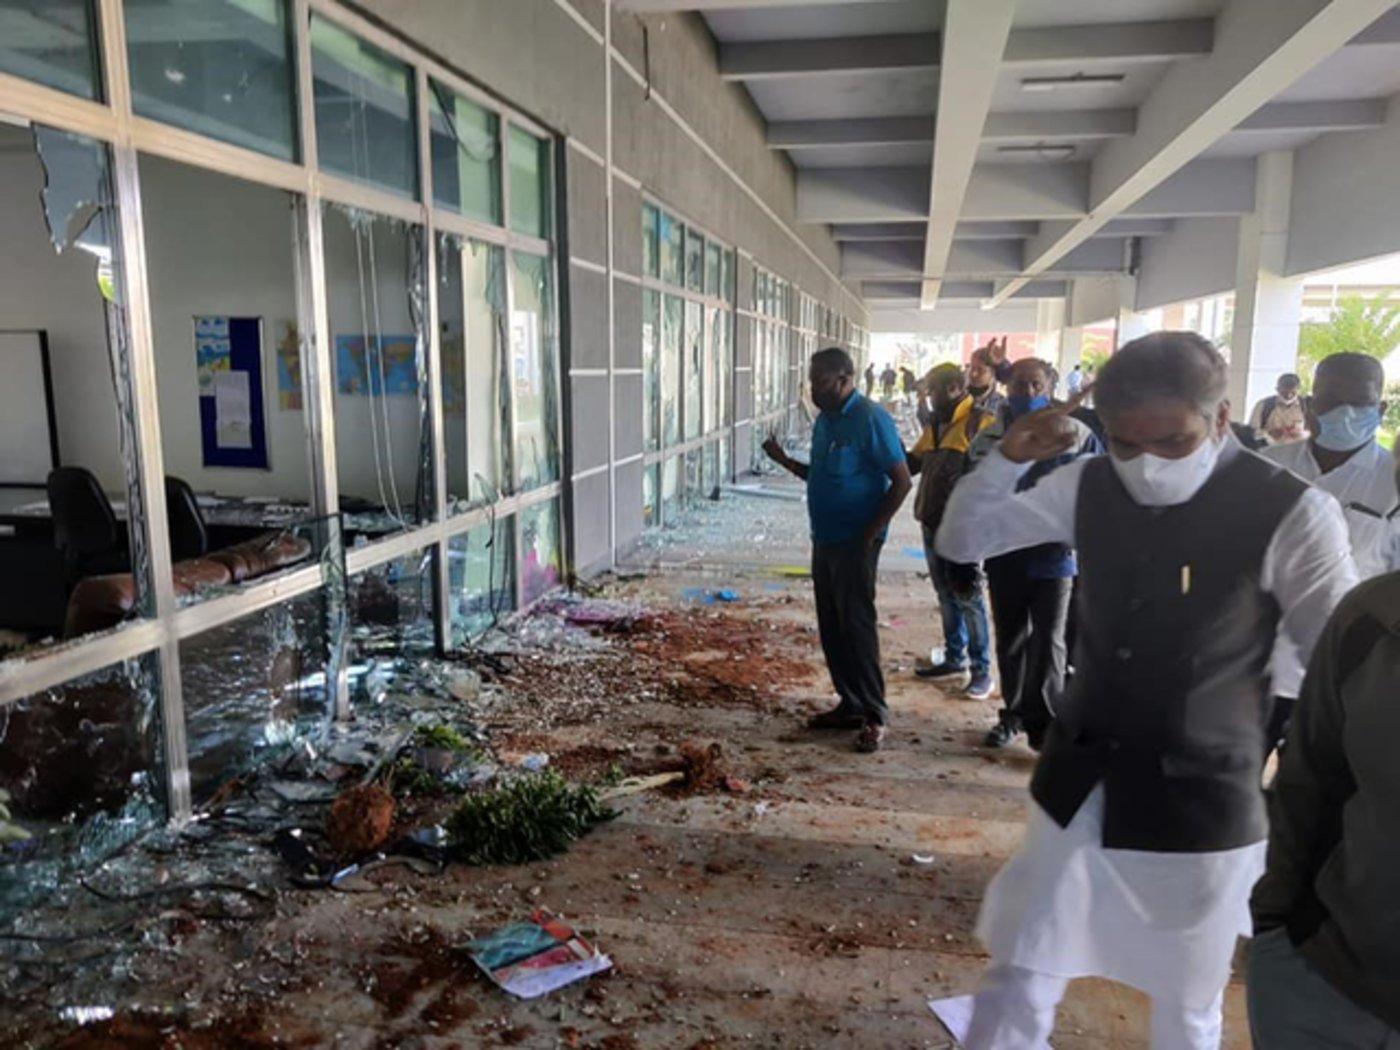 图为抗议事发后,印度议员、警方等相关人士到场视察损害情况